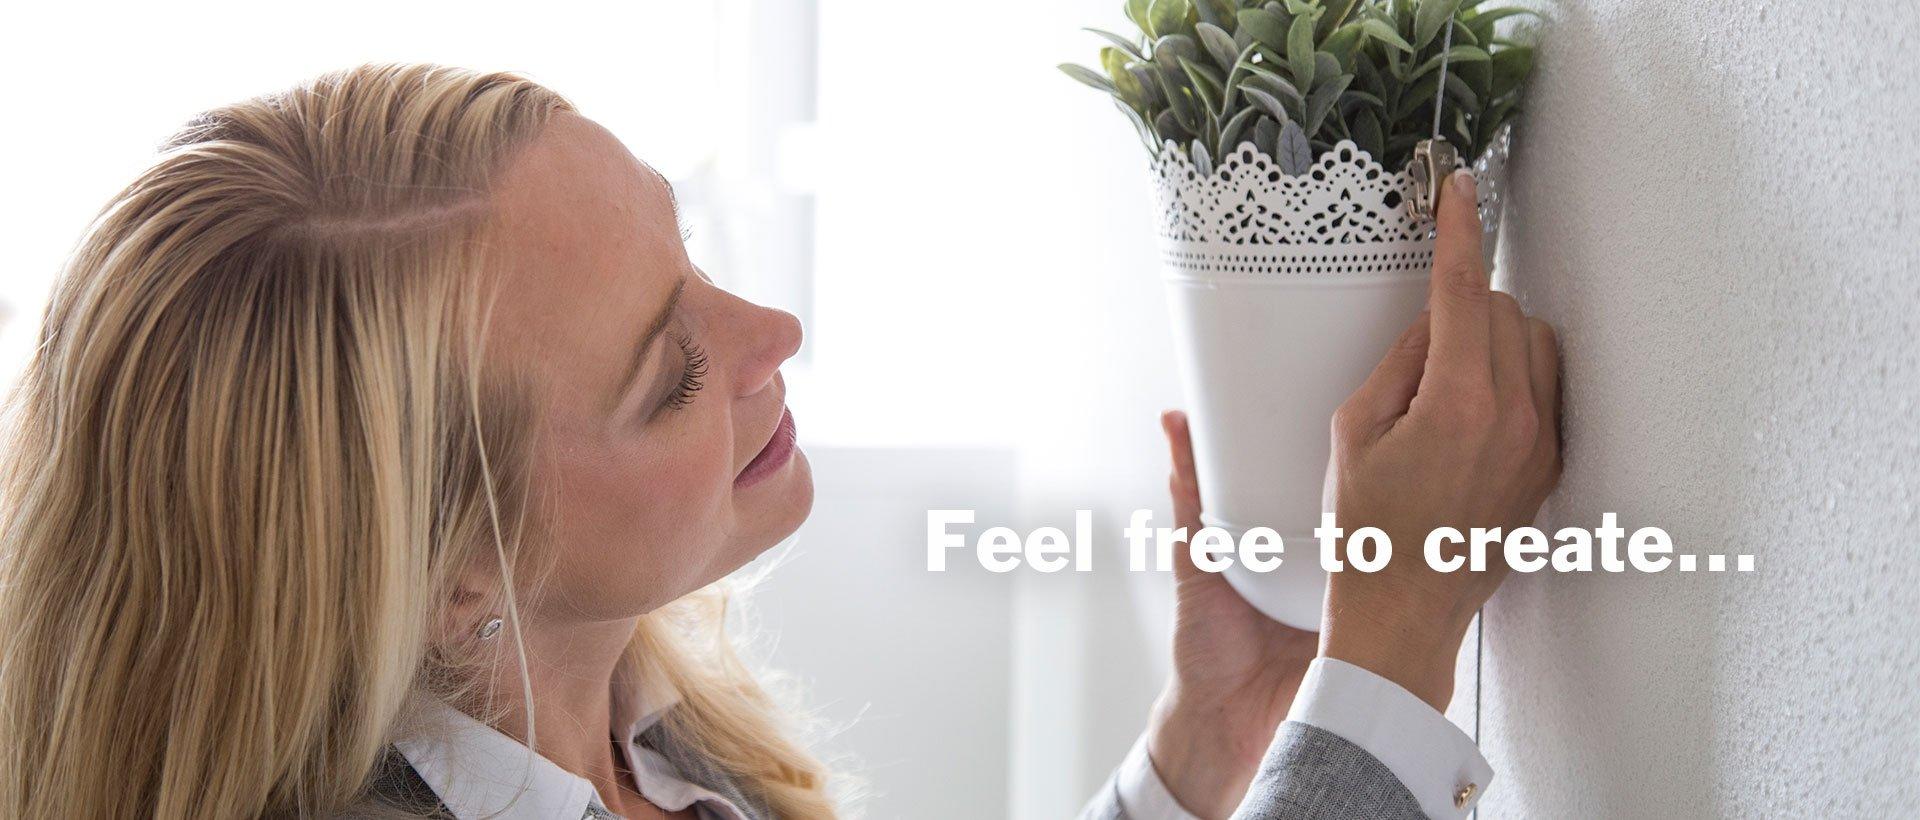 Hänge eine Pflanze auf